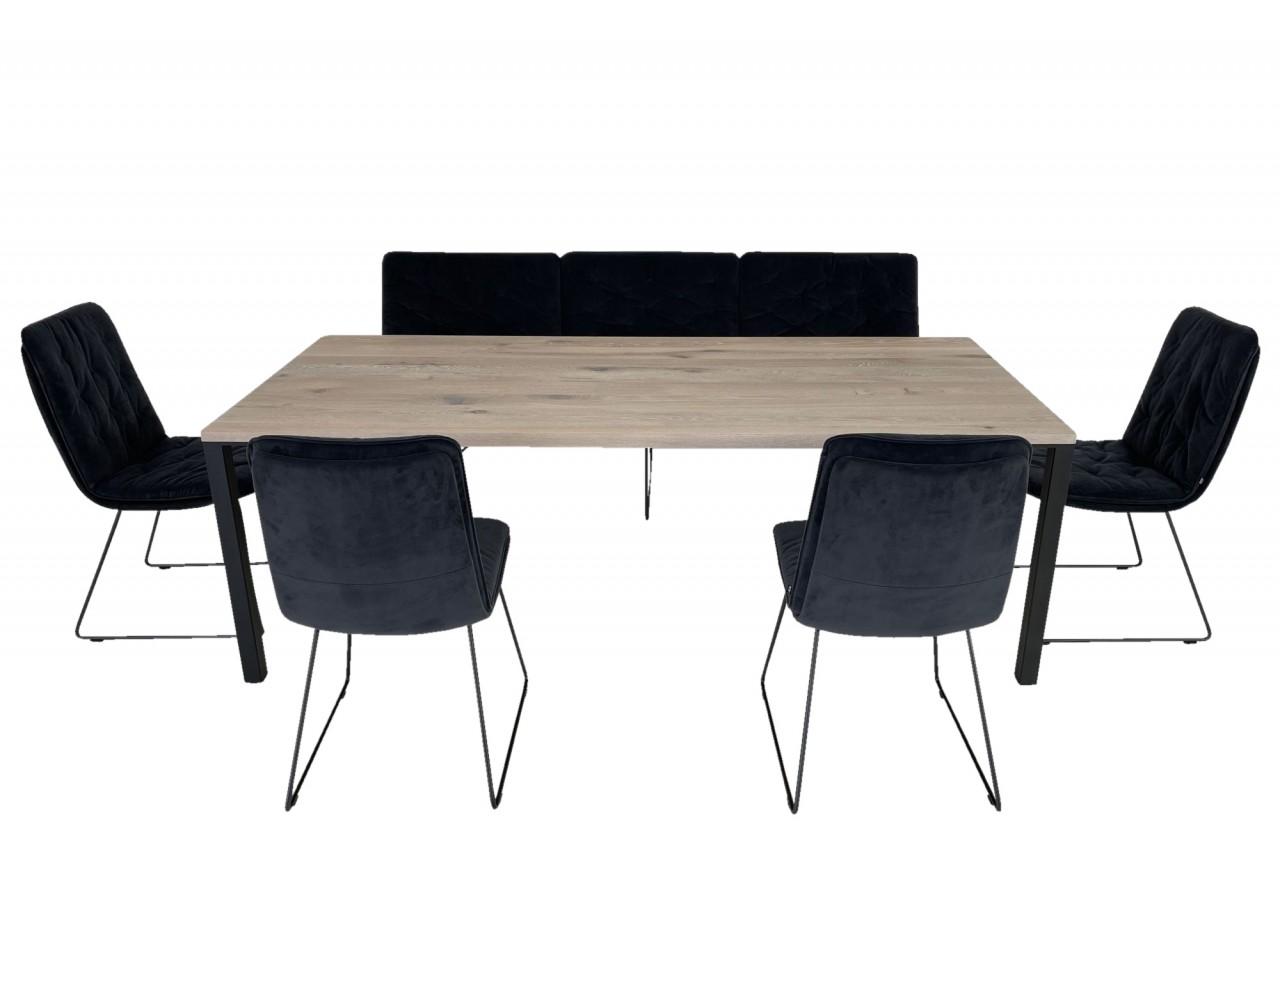 KFF ARVA STITCH EDITION Sitzbank und Stühle in Samt mit ASCO FERRO LINE Esstisch in Eiche